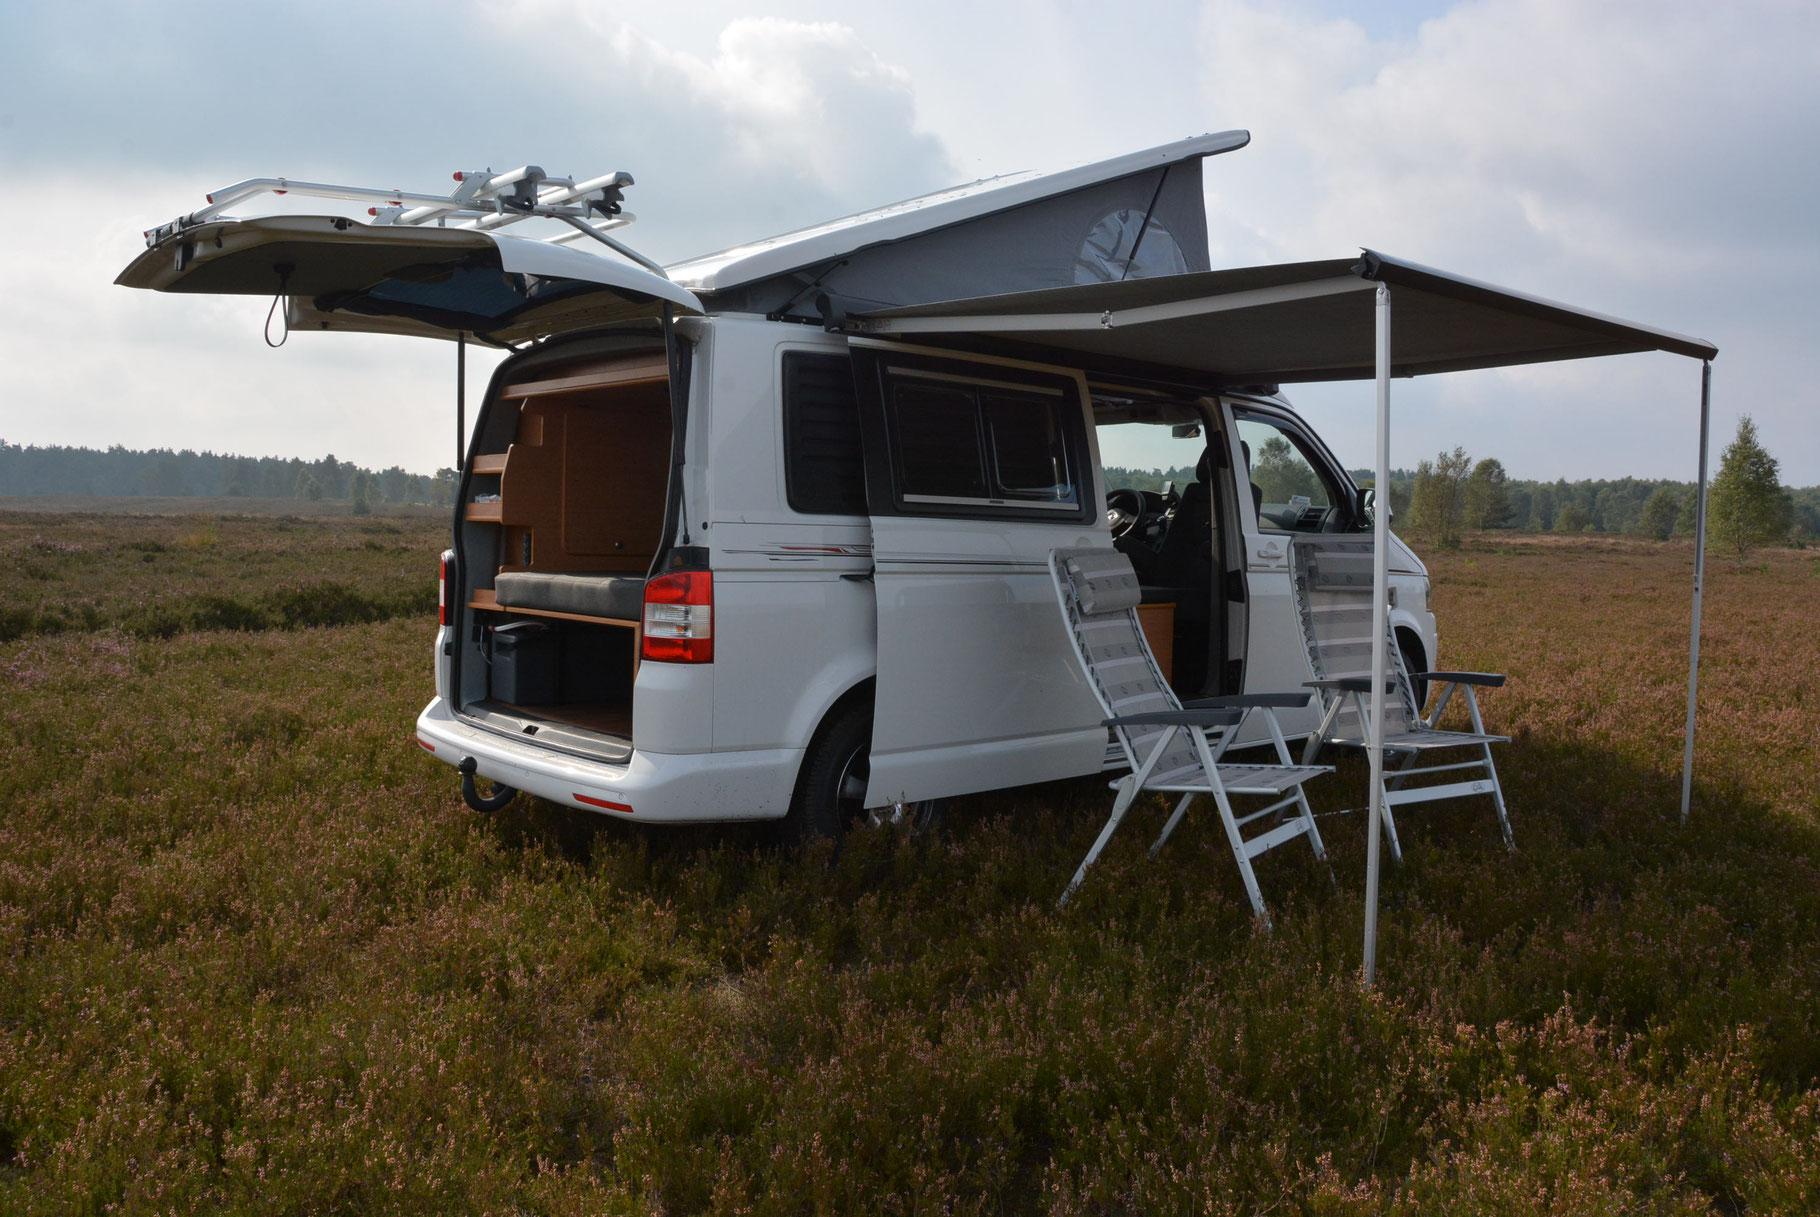 vw t5 aufstelldach langer radstand reisemobile jesteburg. Black Bedroom Furniture Sets. Home Design Ideas